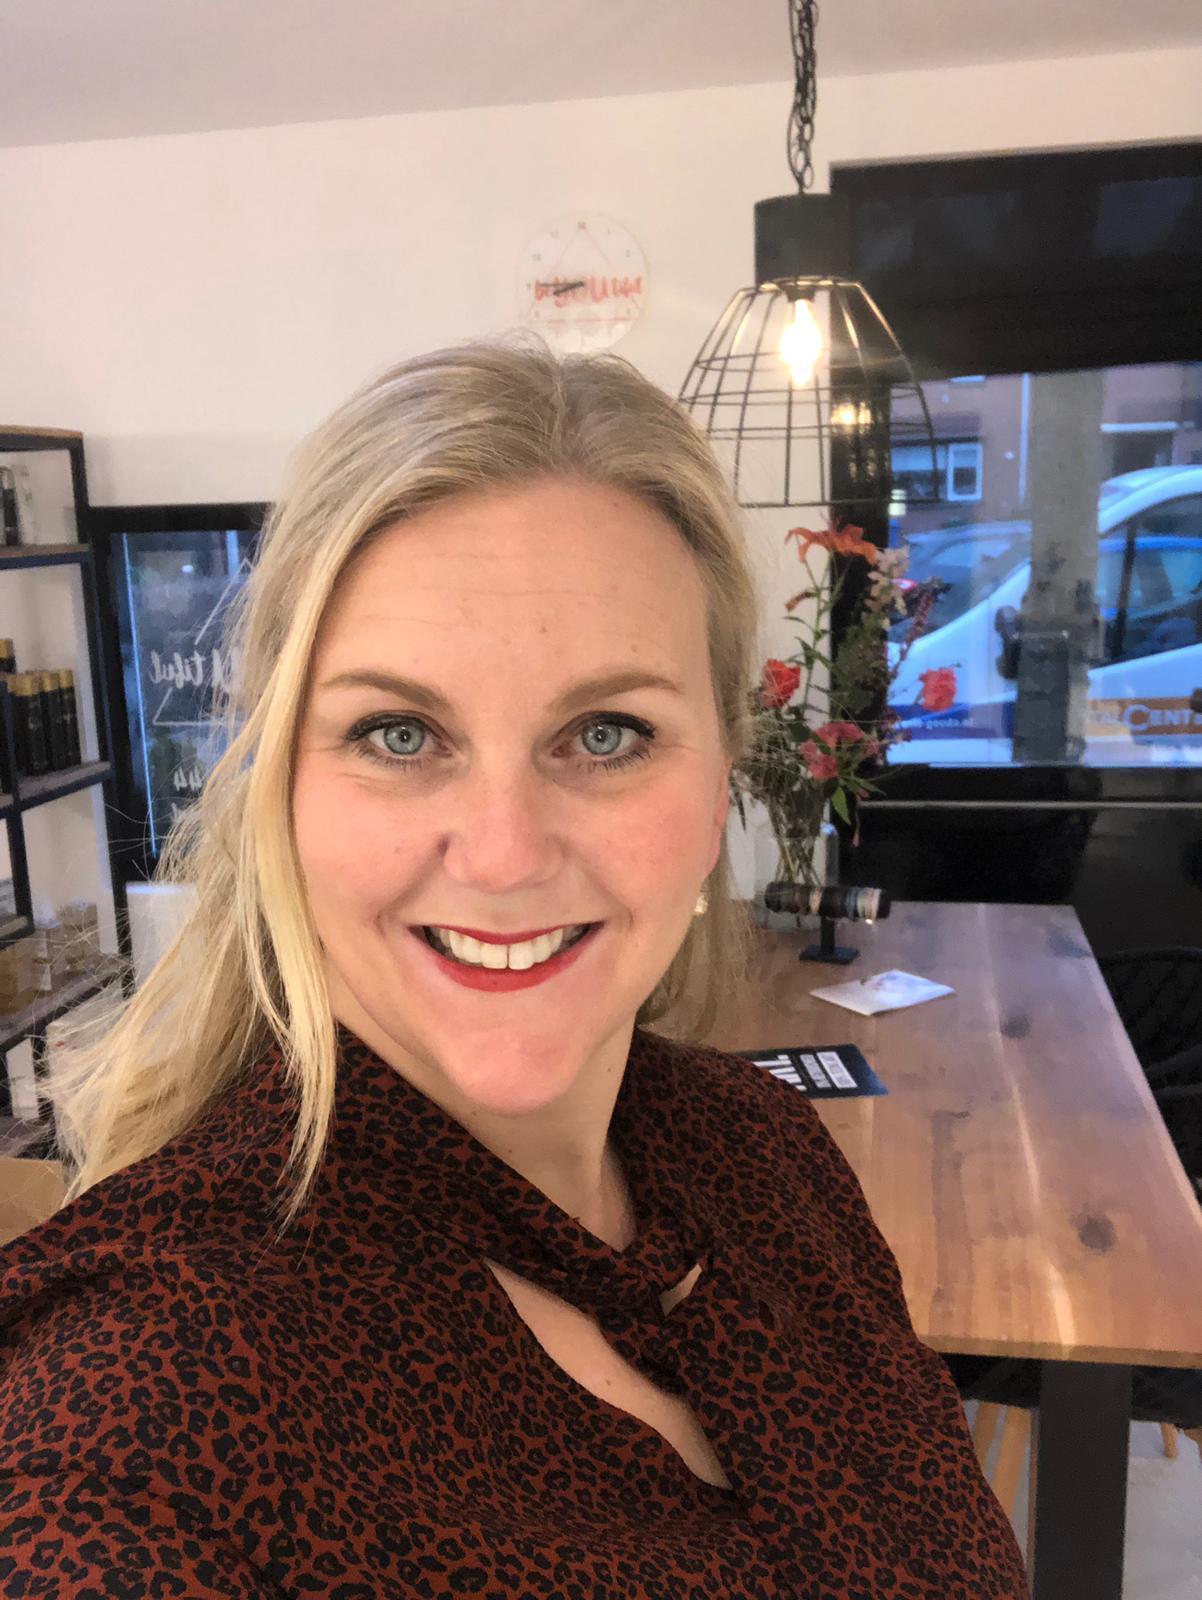 Wendy van Rijsdam van Wendy's hair design Alphen aan den Rijn